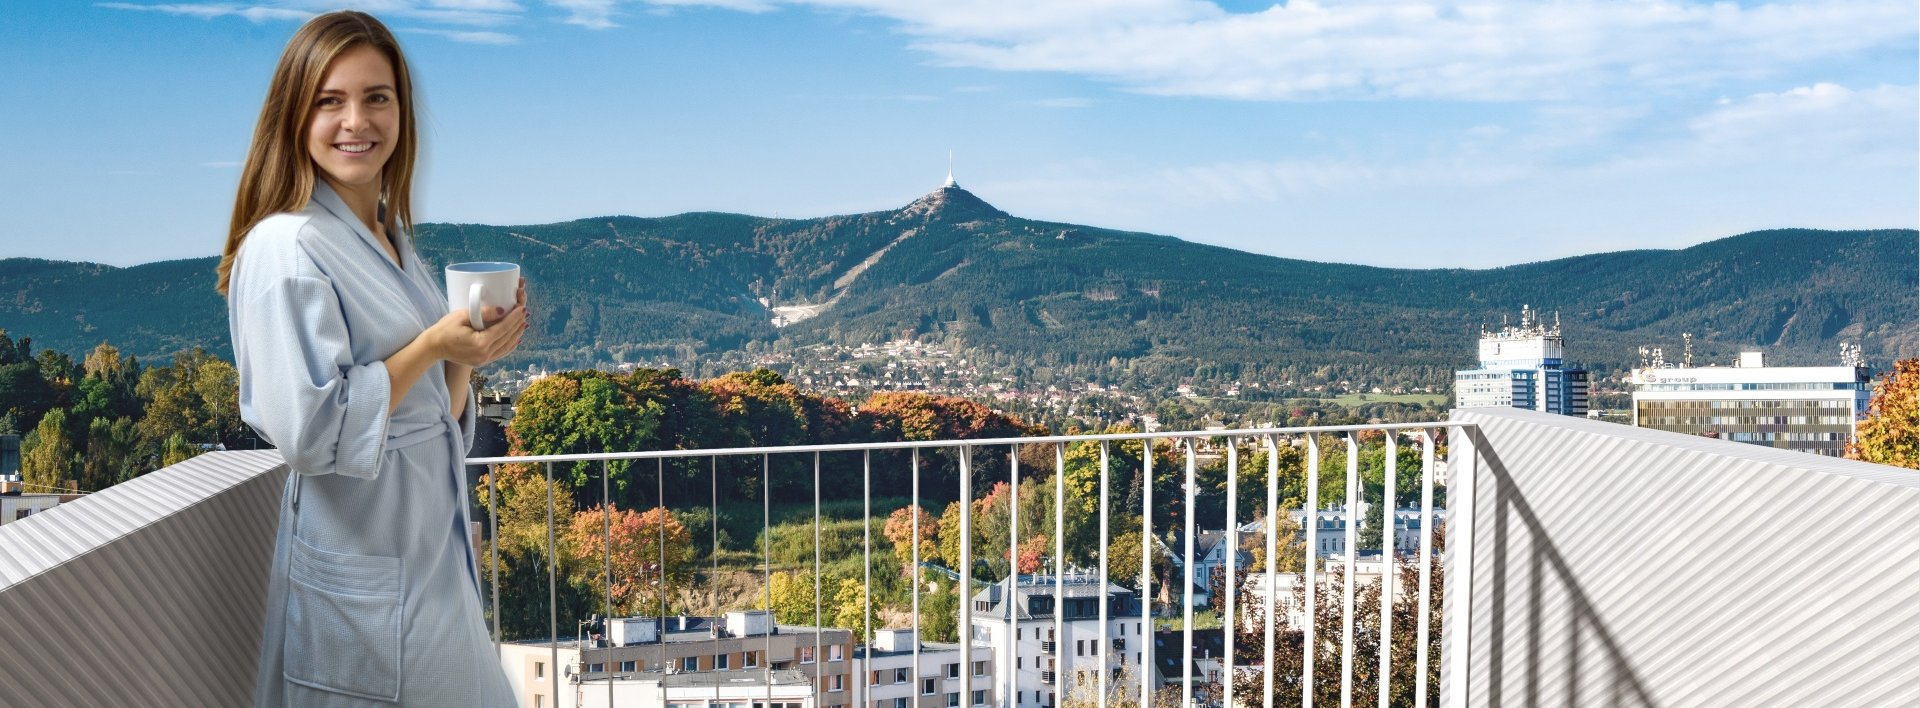 Jižní byt 3+kk v centru Liberce s krásným výhledem, Ev.č.: N48425